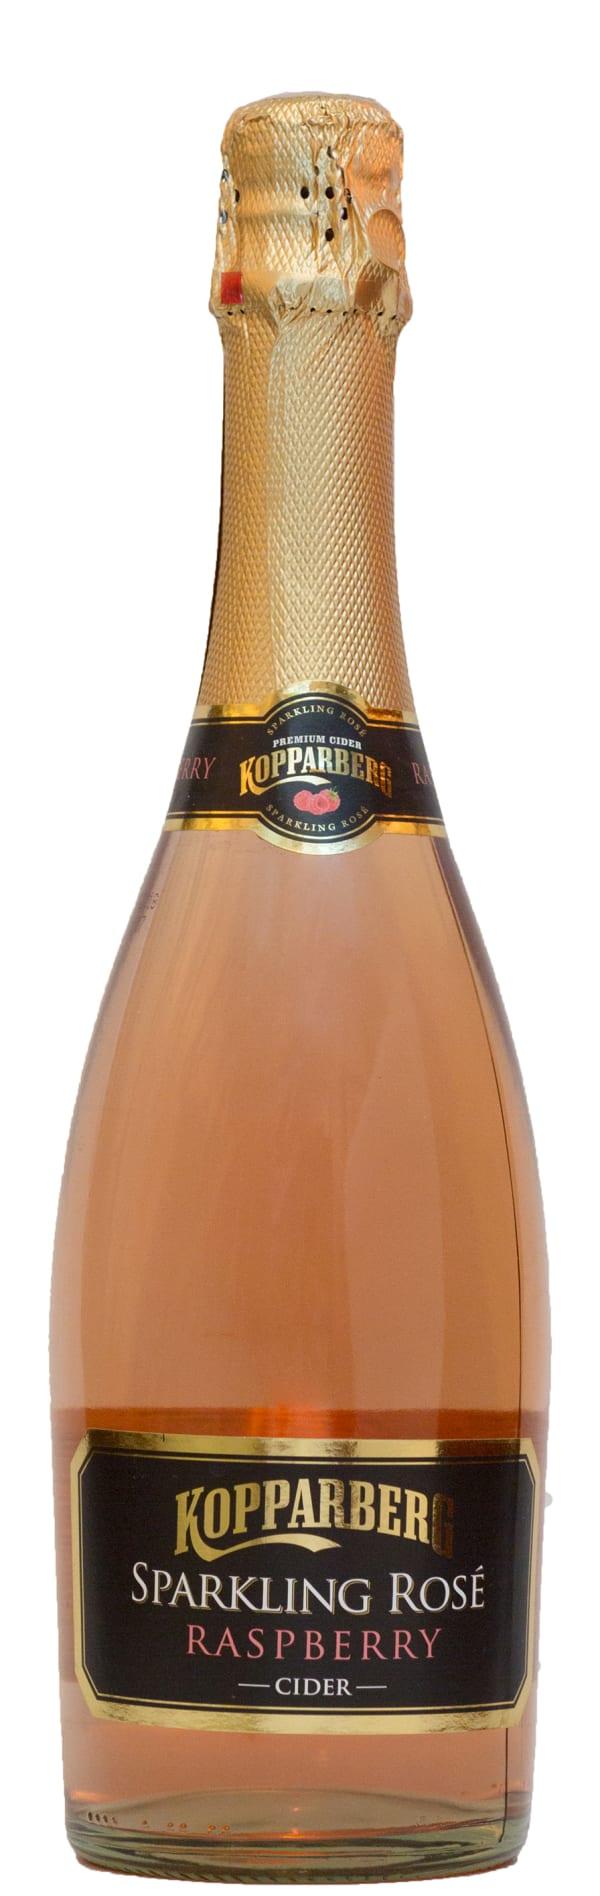 Kopparberg Sparkling Rose Raspberry